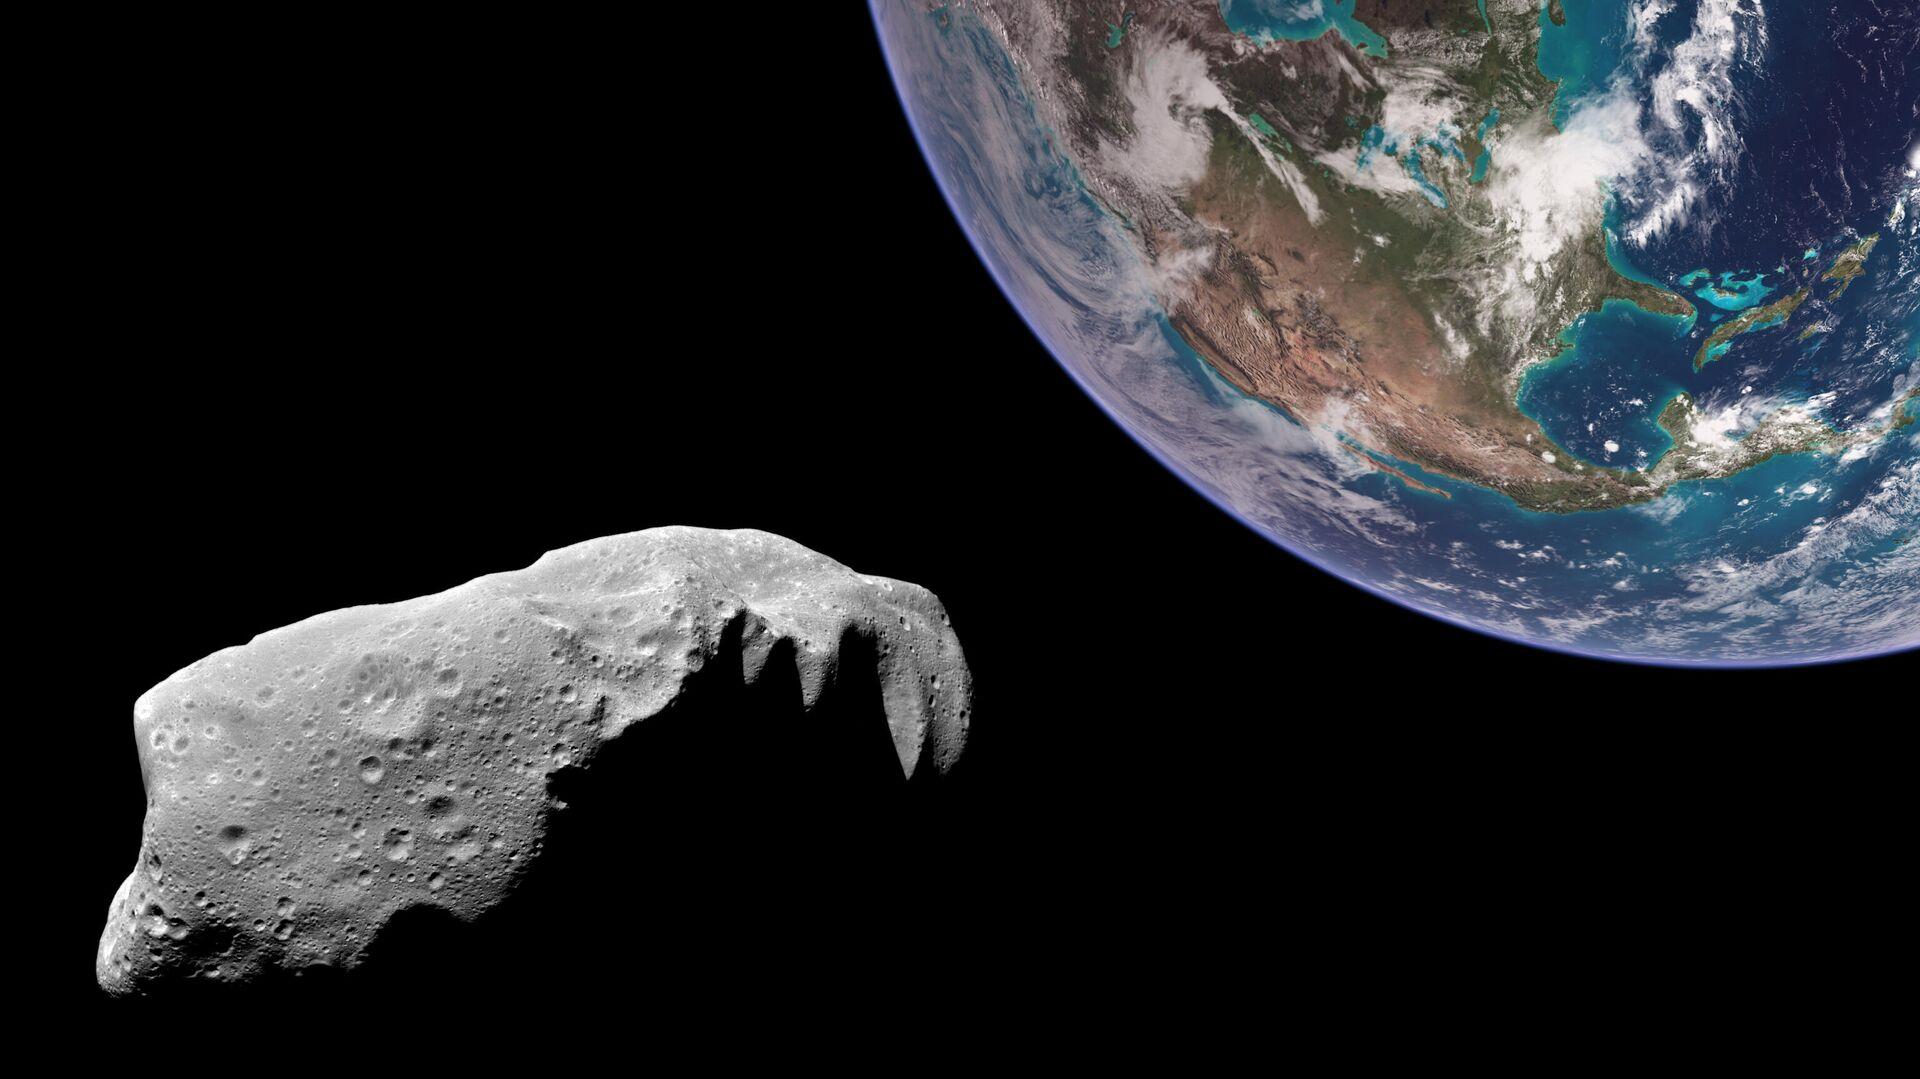 Астероид приближается к Земле - РИА Новости, 1920, 26.01.2021